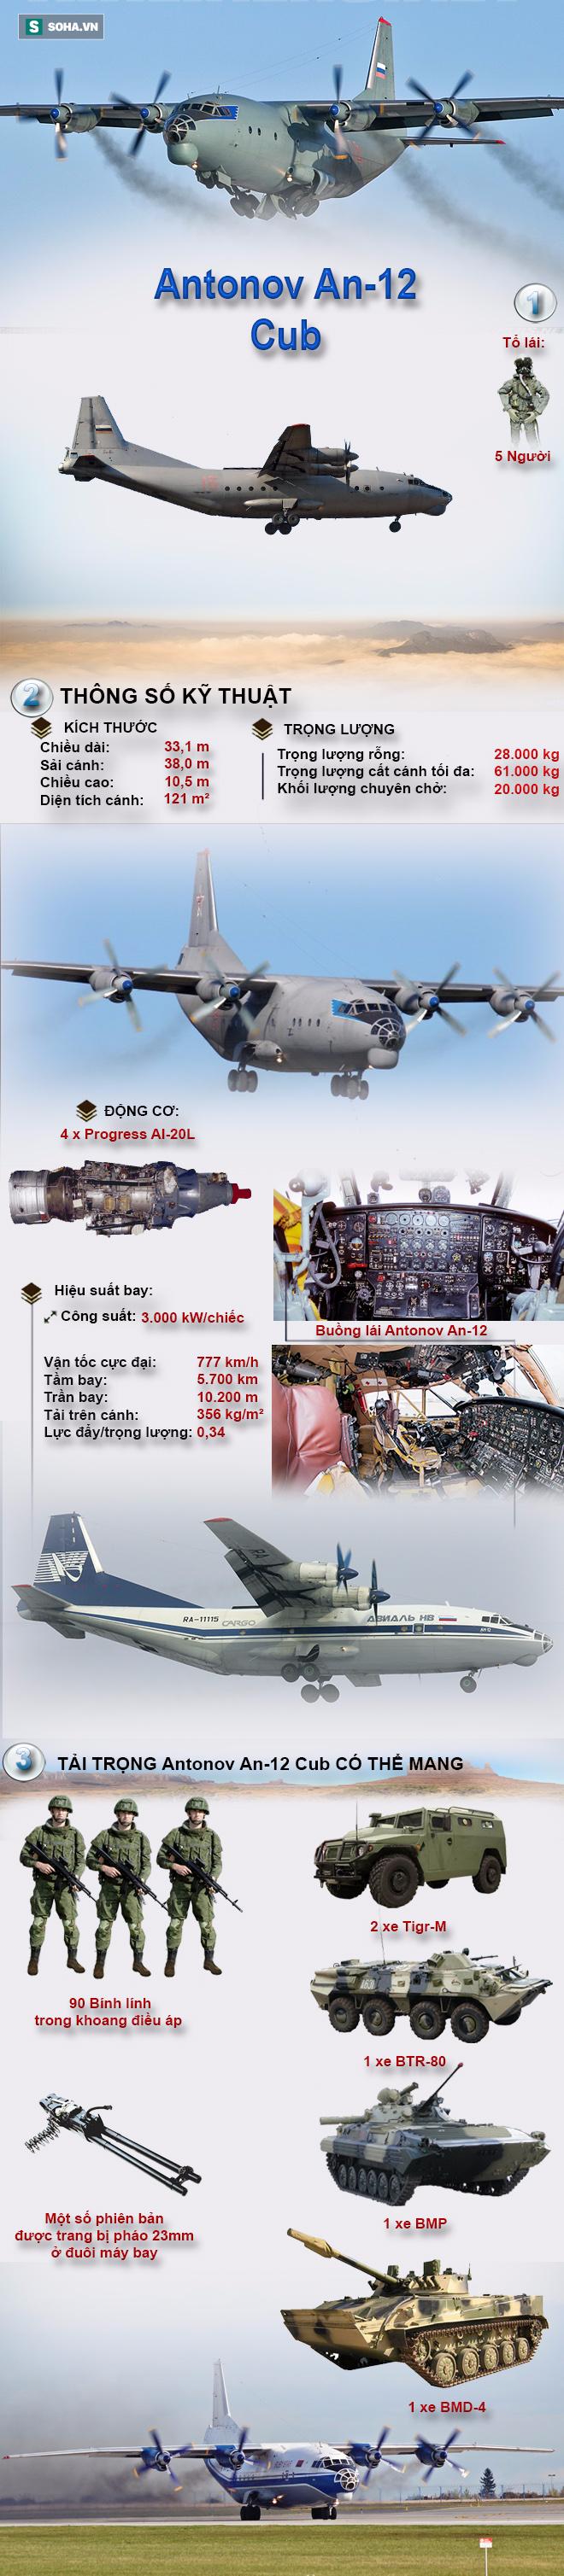 Chiếc máy bay vận tải từng được Việt Nam đưa vào tầm ngắm để thay thế C-130 - Ảnh 1.